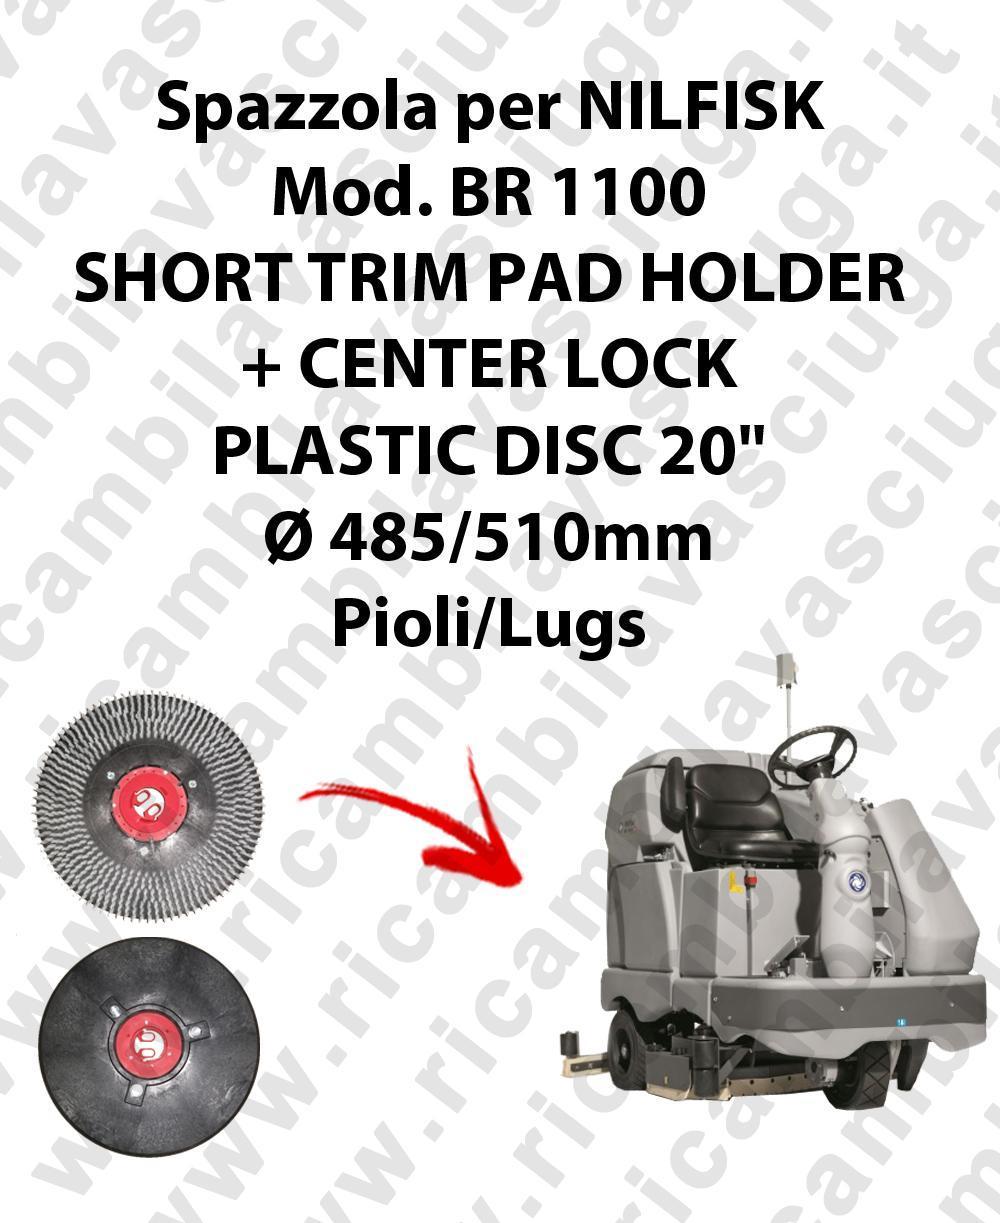 SHORT TRIM PAD HOLDER + CENTERLOCK para fregadora NILFISK mod. BR 1100